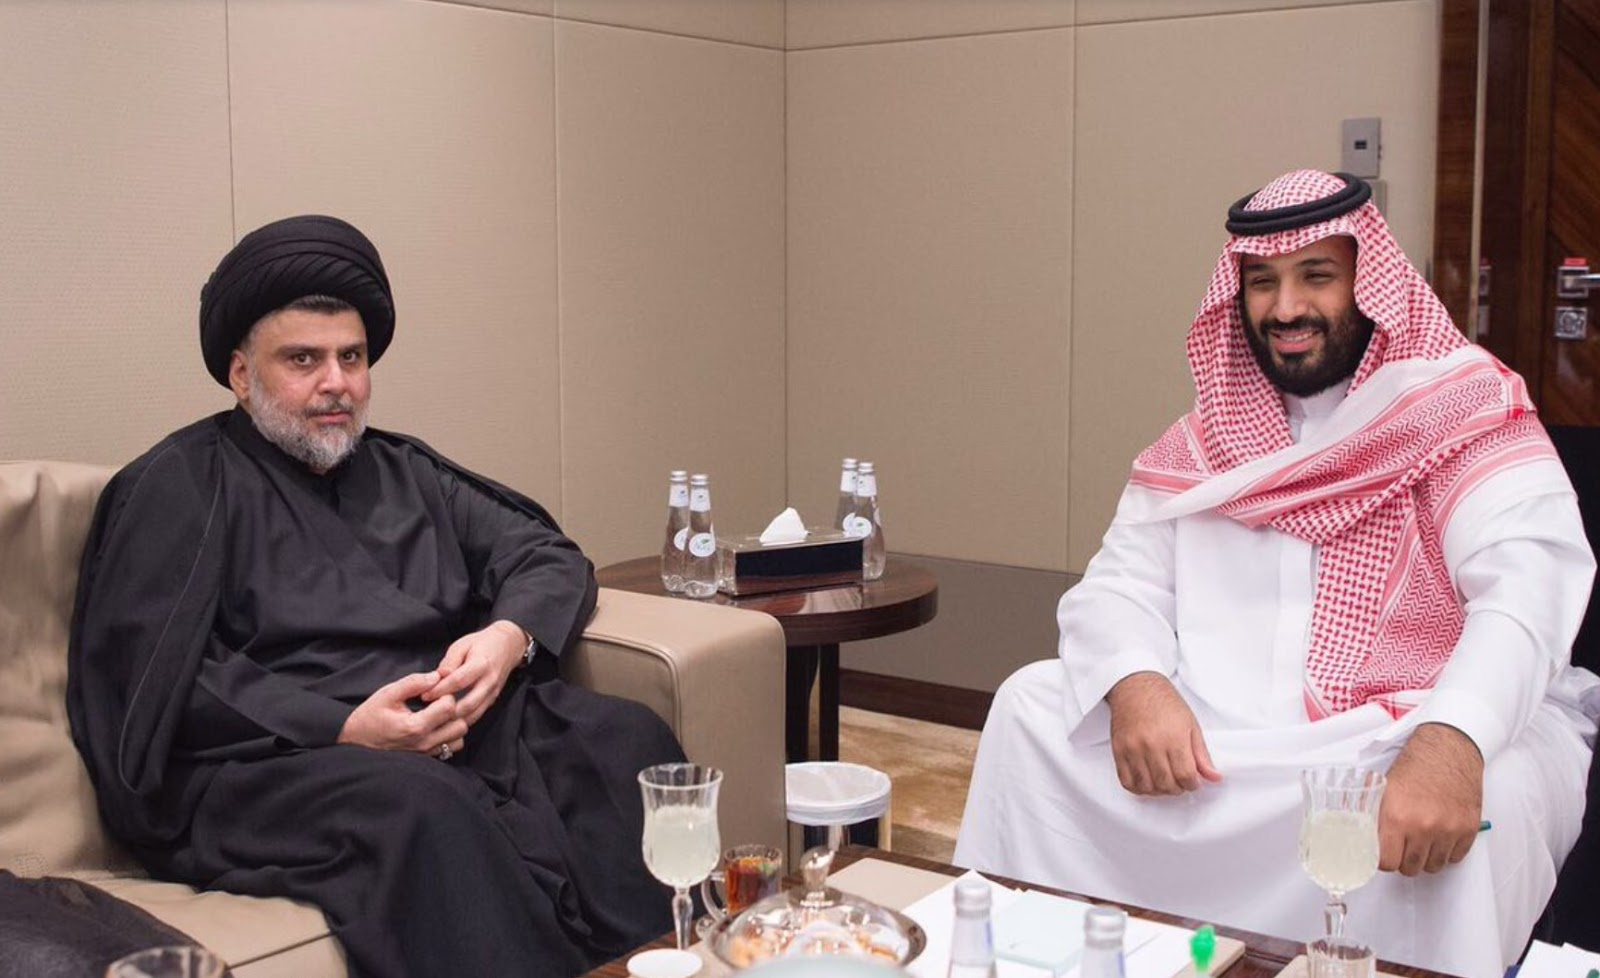 زيارة ولي العهد السعودي المُحتَمَلة إلى العراق تُثير قلق طهران وحلفائها